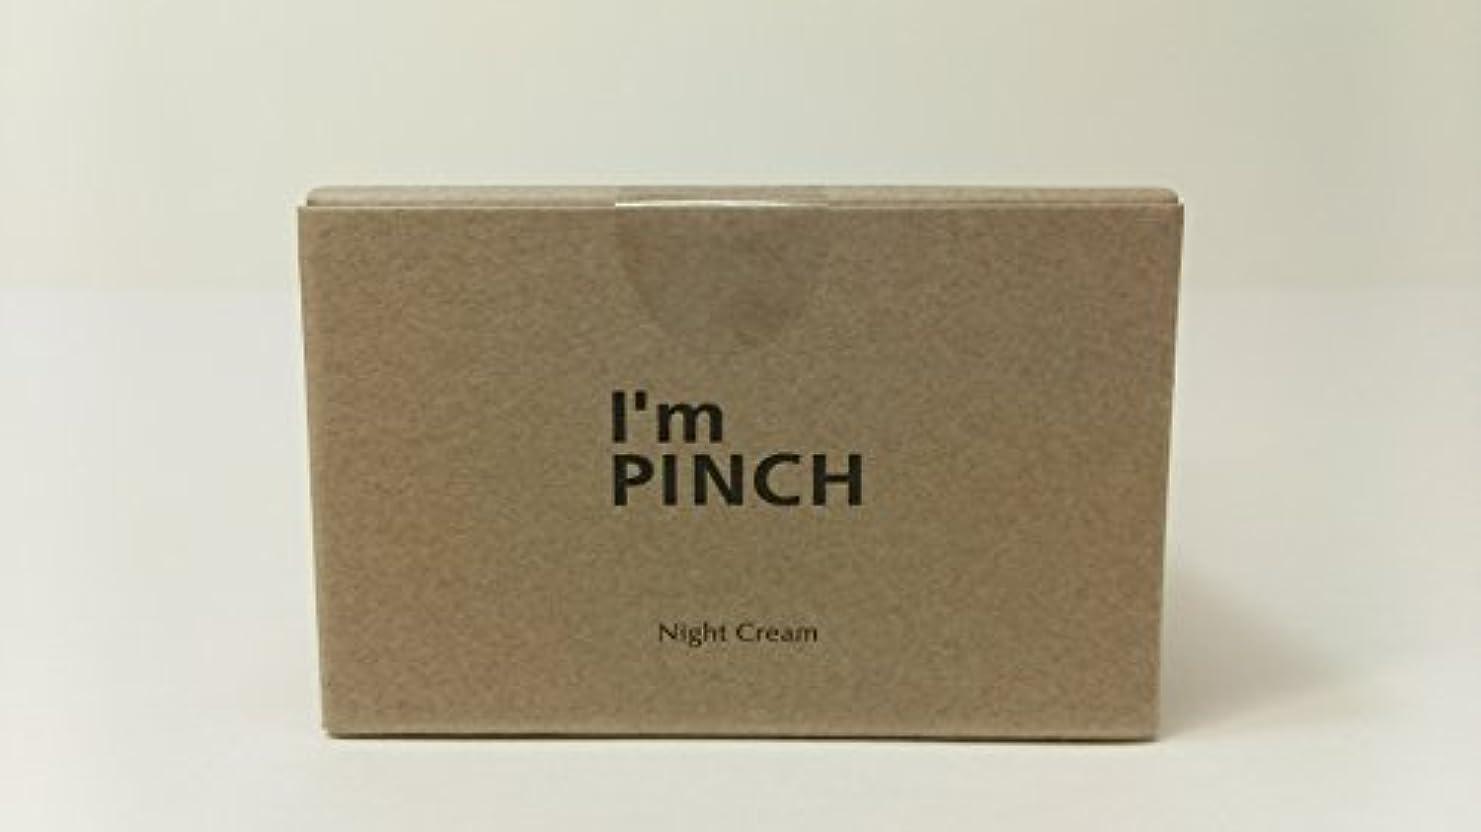 いっぱい公式と闘うI'm pinch アイムピンチ ナイトクリーム (夜用クリーム) 30g